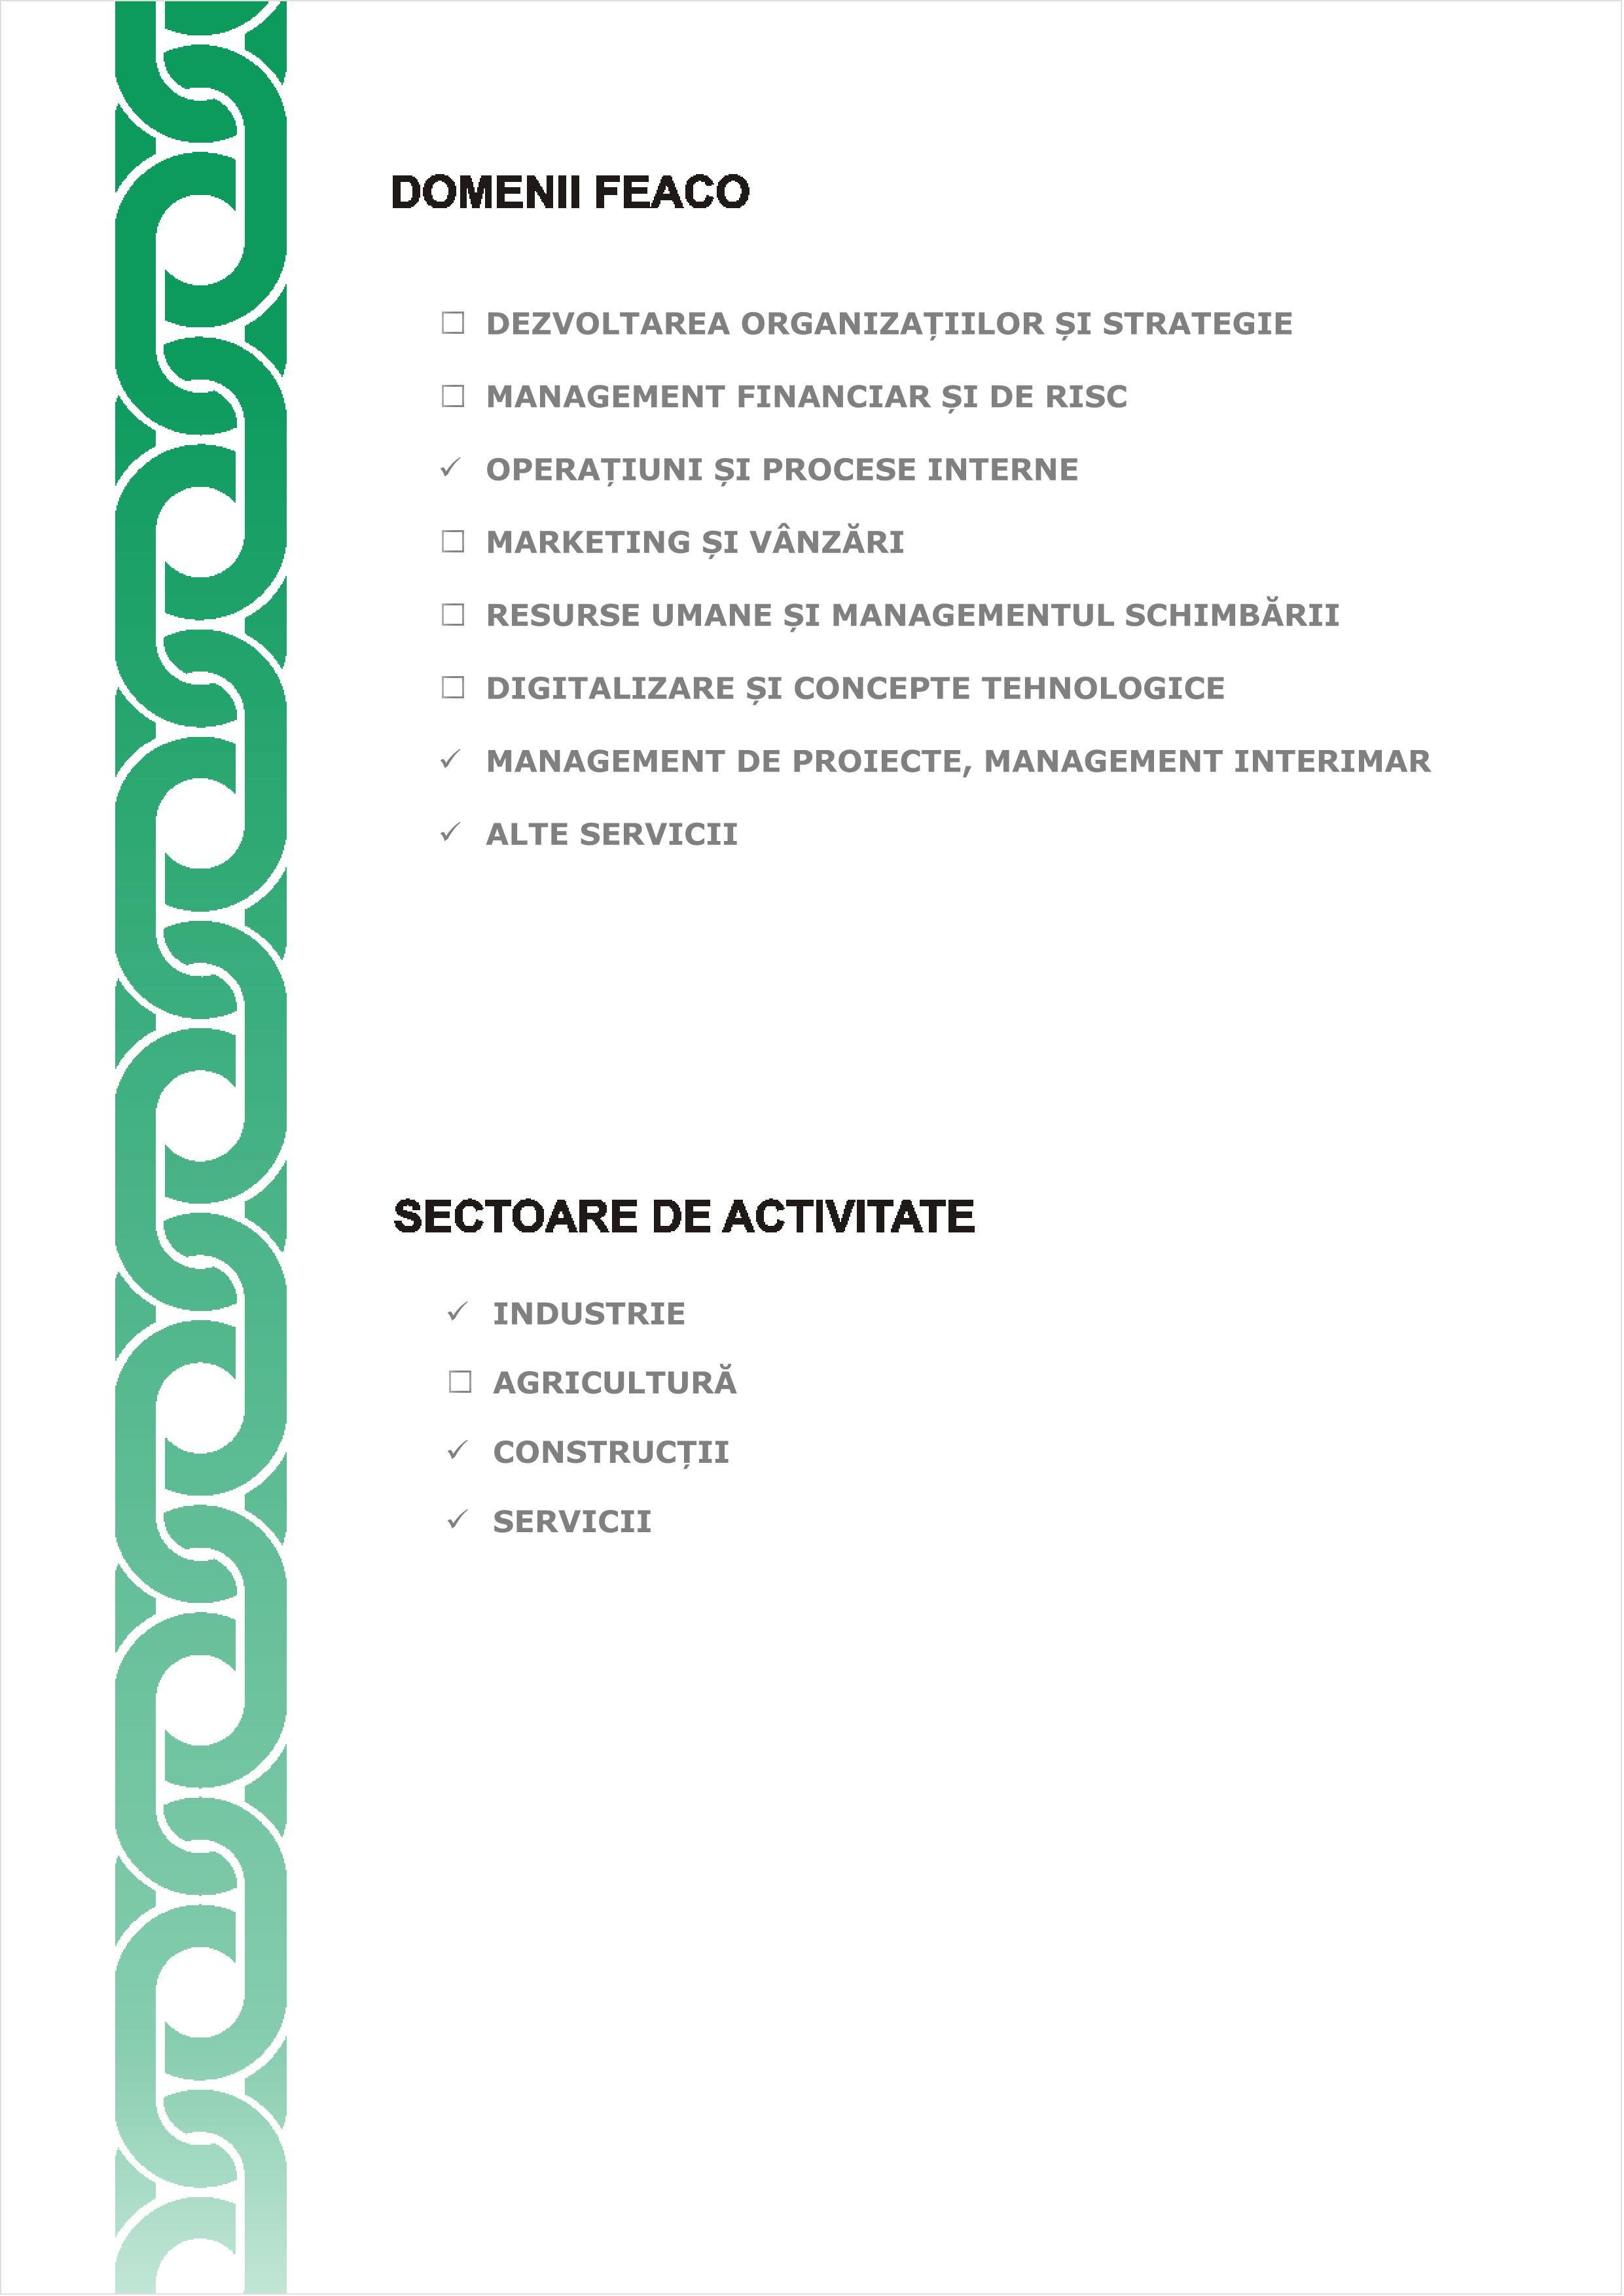 Certificare AMCOR - Domenii de atestare